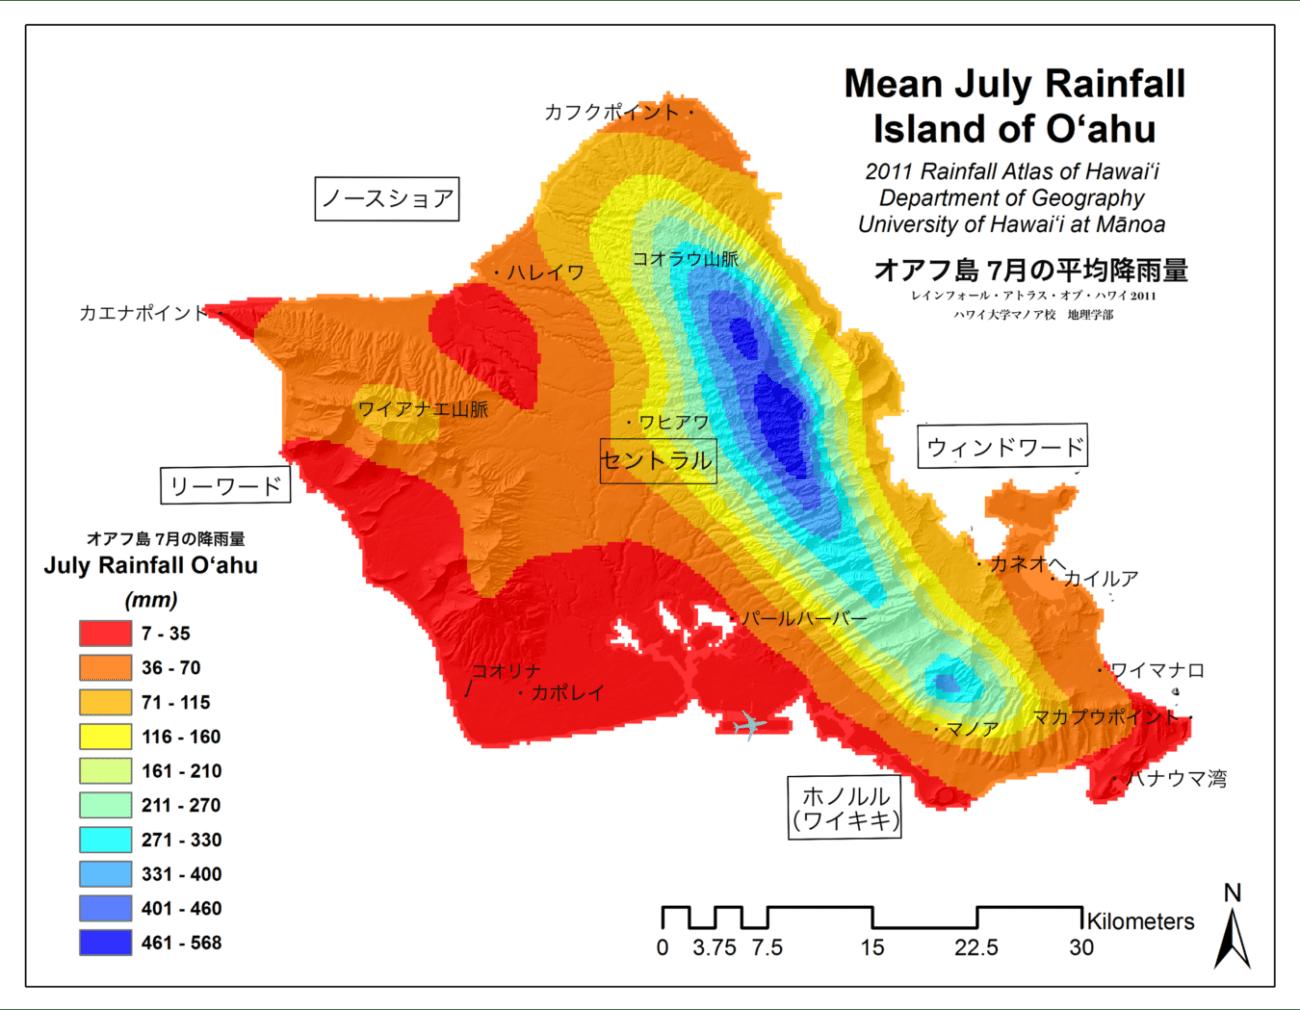 オアフ島 7月の平均降雨量